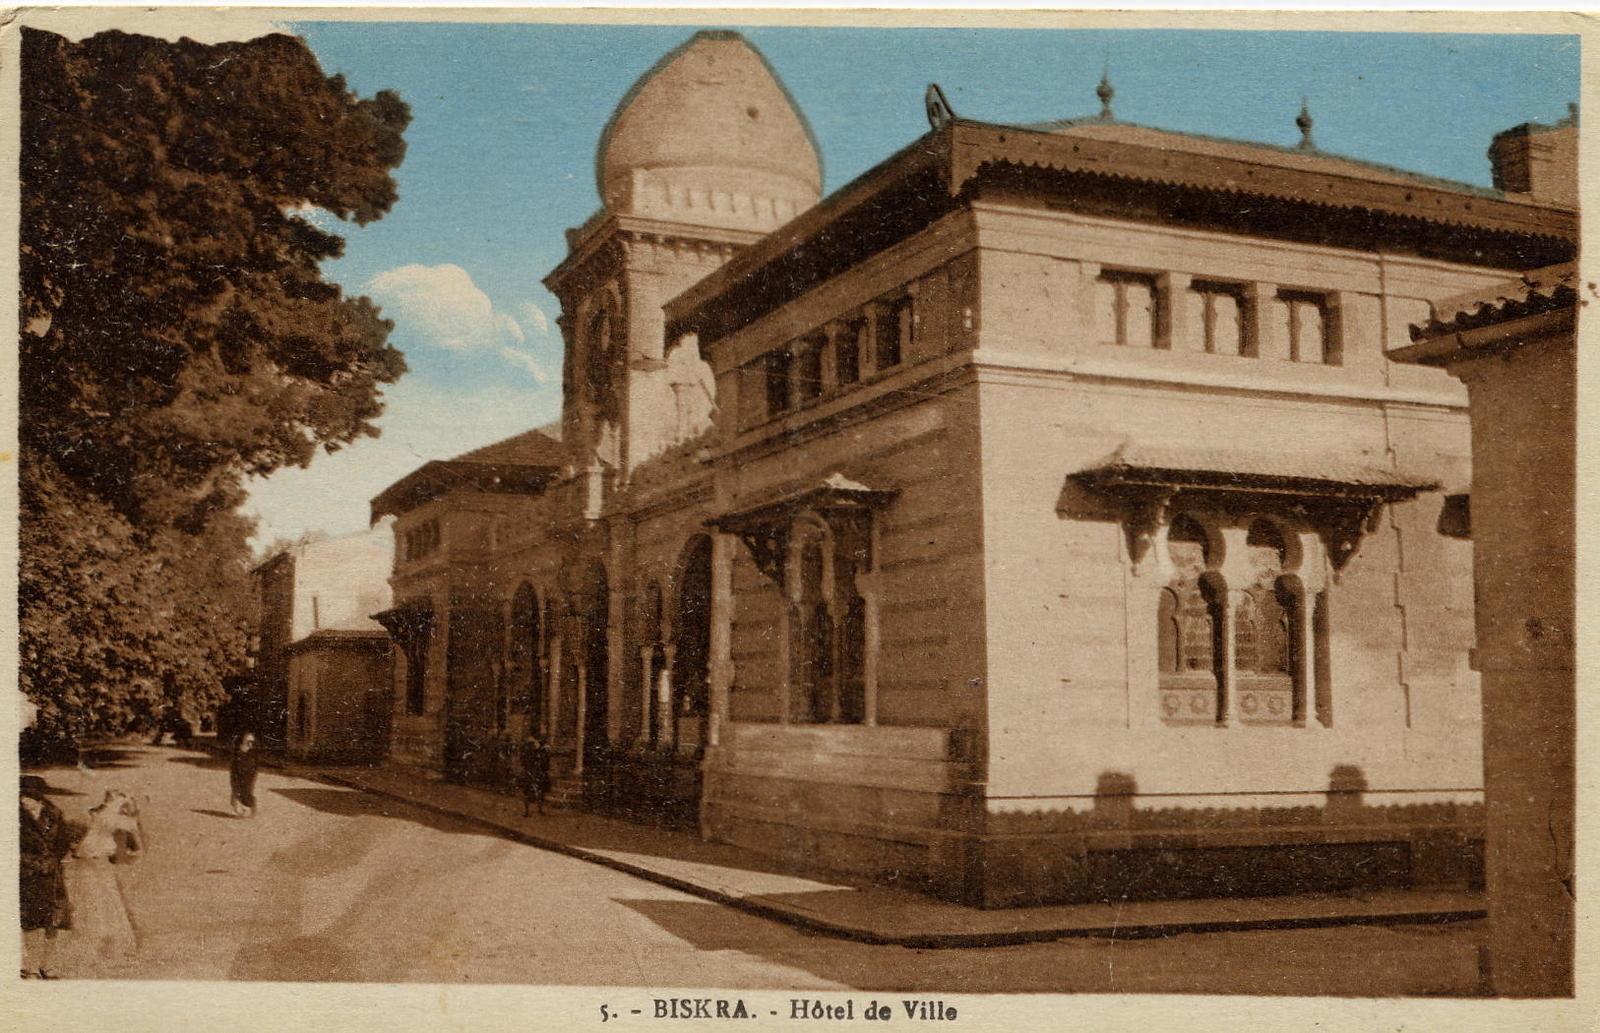 Biskra - Hôtel de ville de Biskra Algérie.